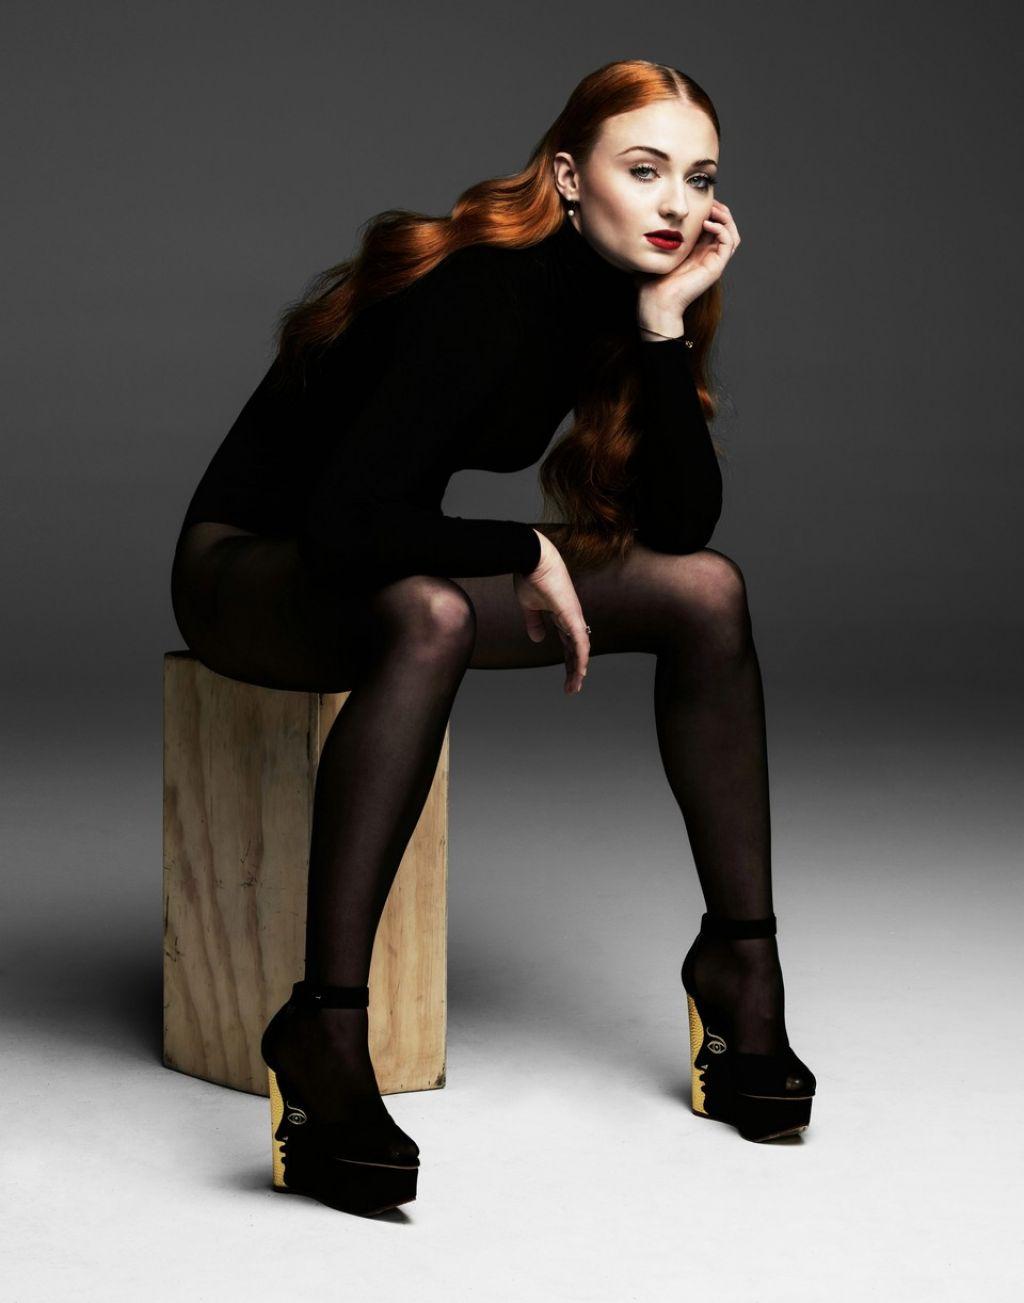 Sophie Turner - Sheer Black Stockings - Just Jared -7257